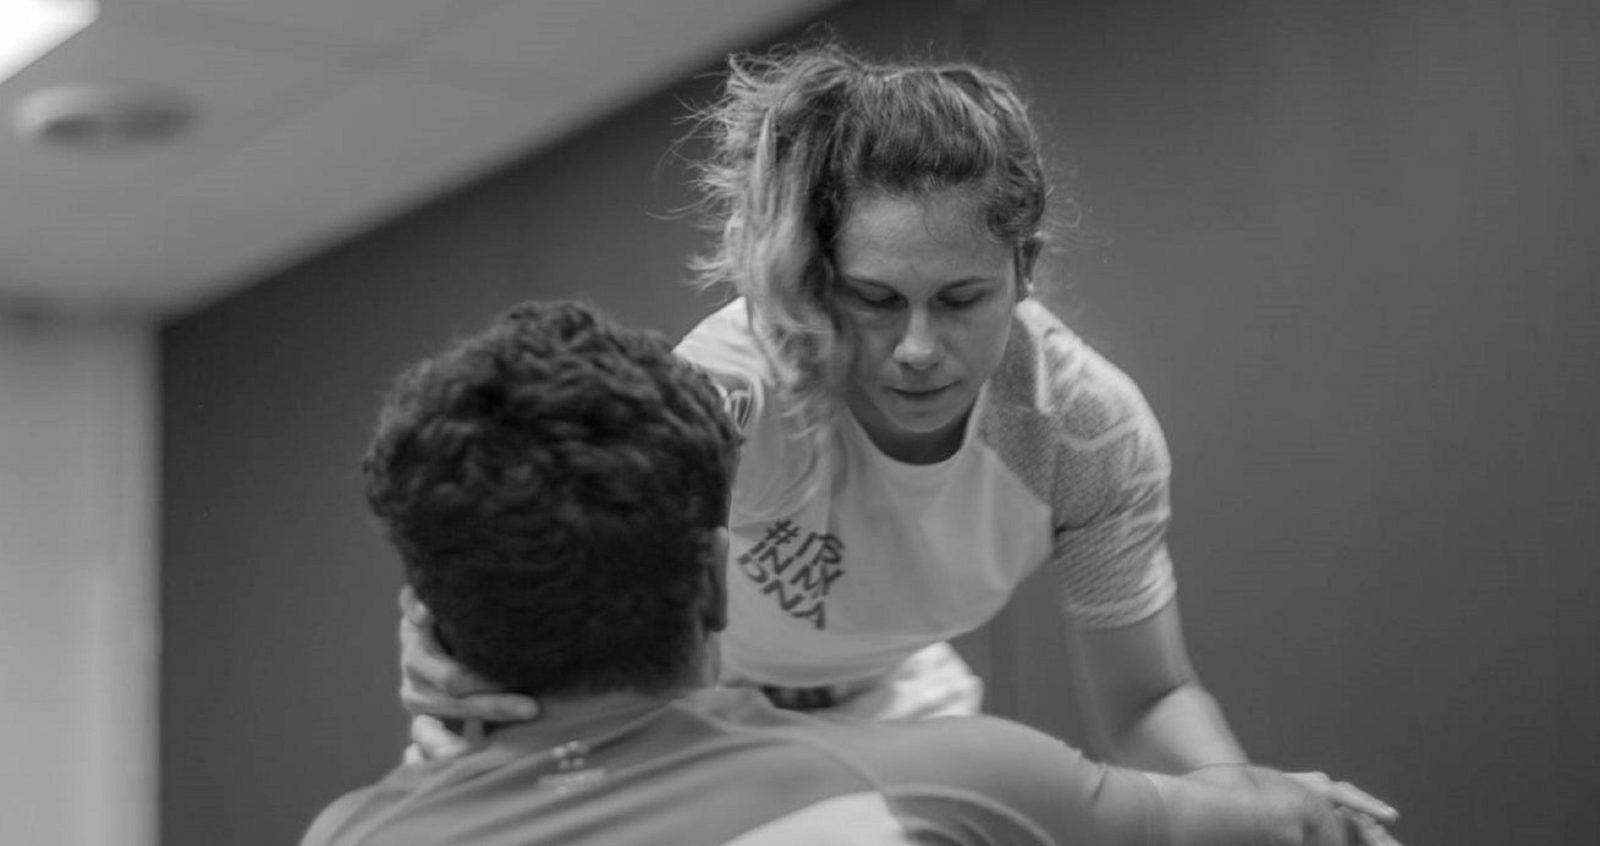 Brazilian Jiu-jitsu is known as the 'gentle art',